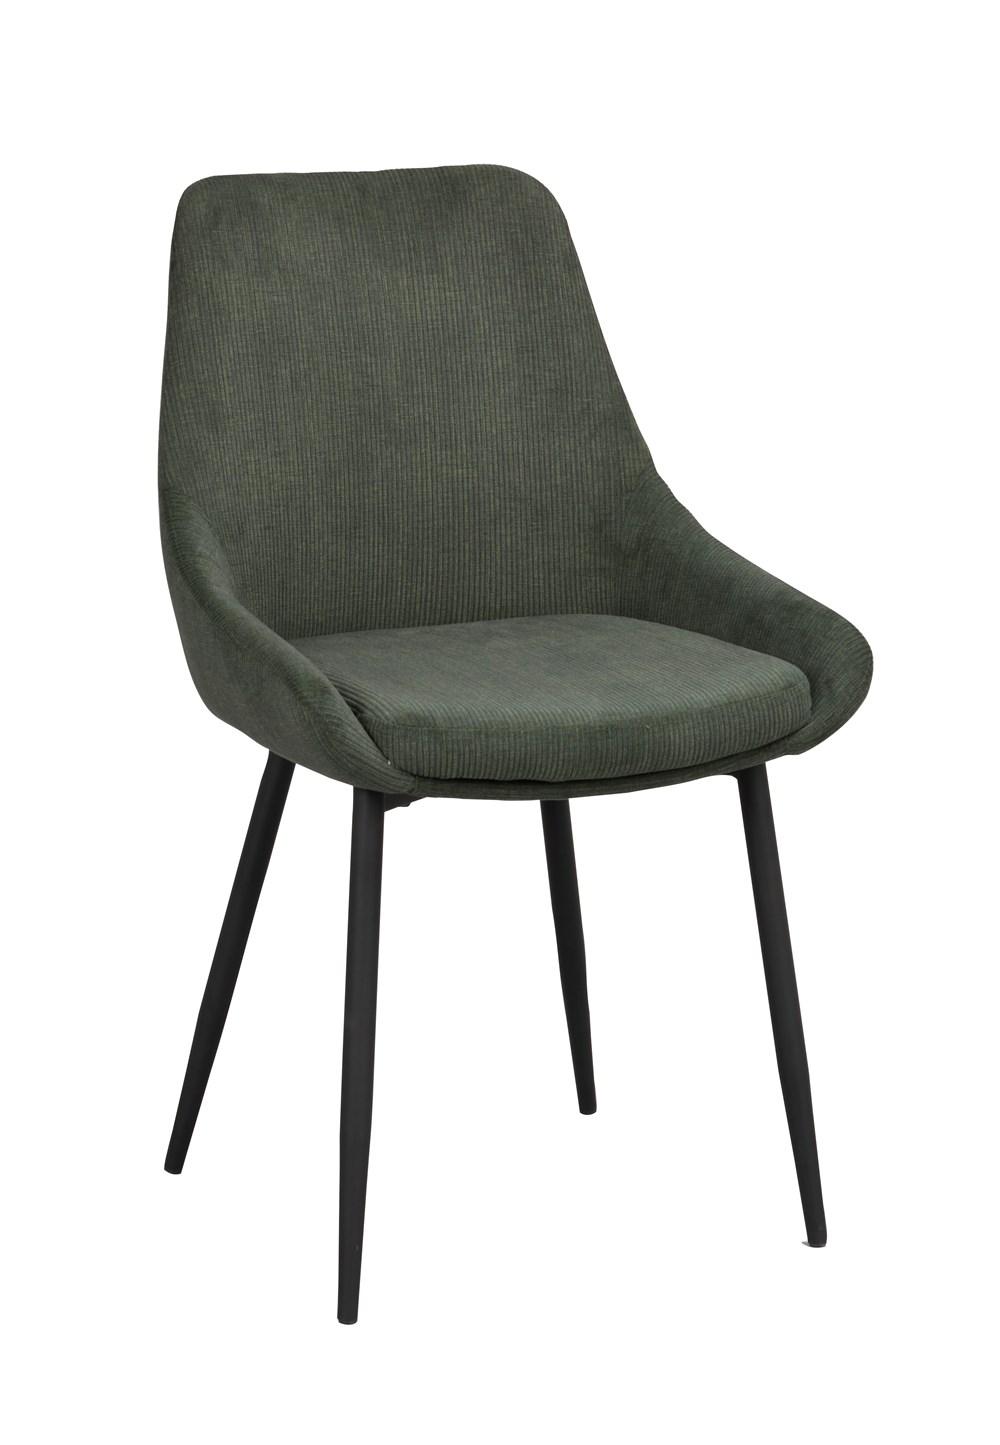 Sierra tuoli vihreä vakosametti / musta metalli, Rowico